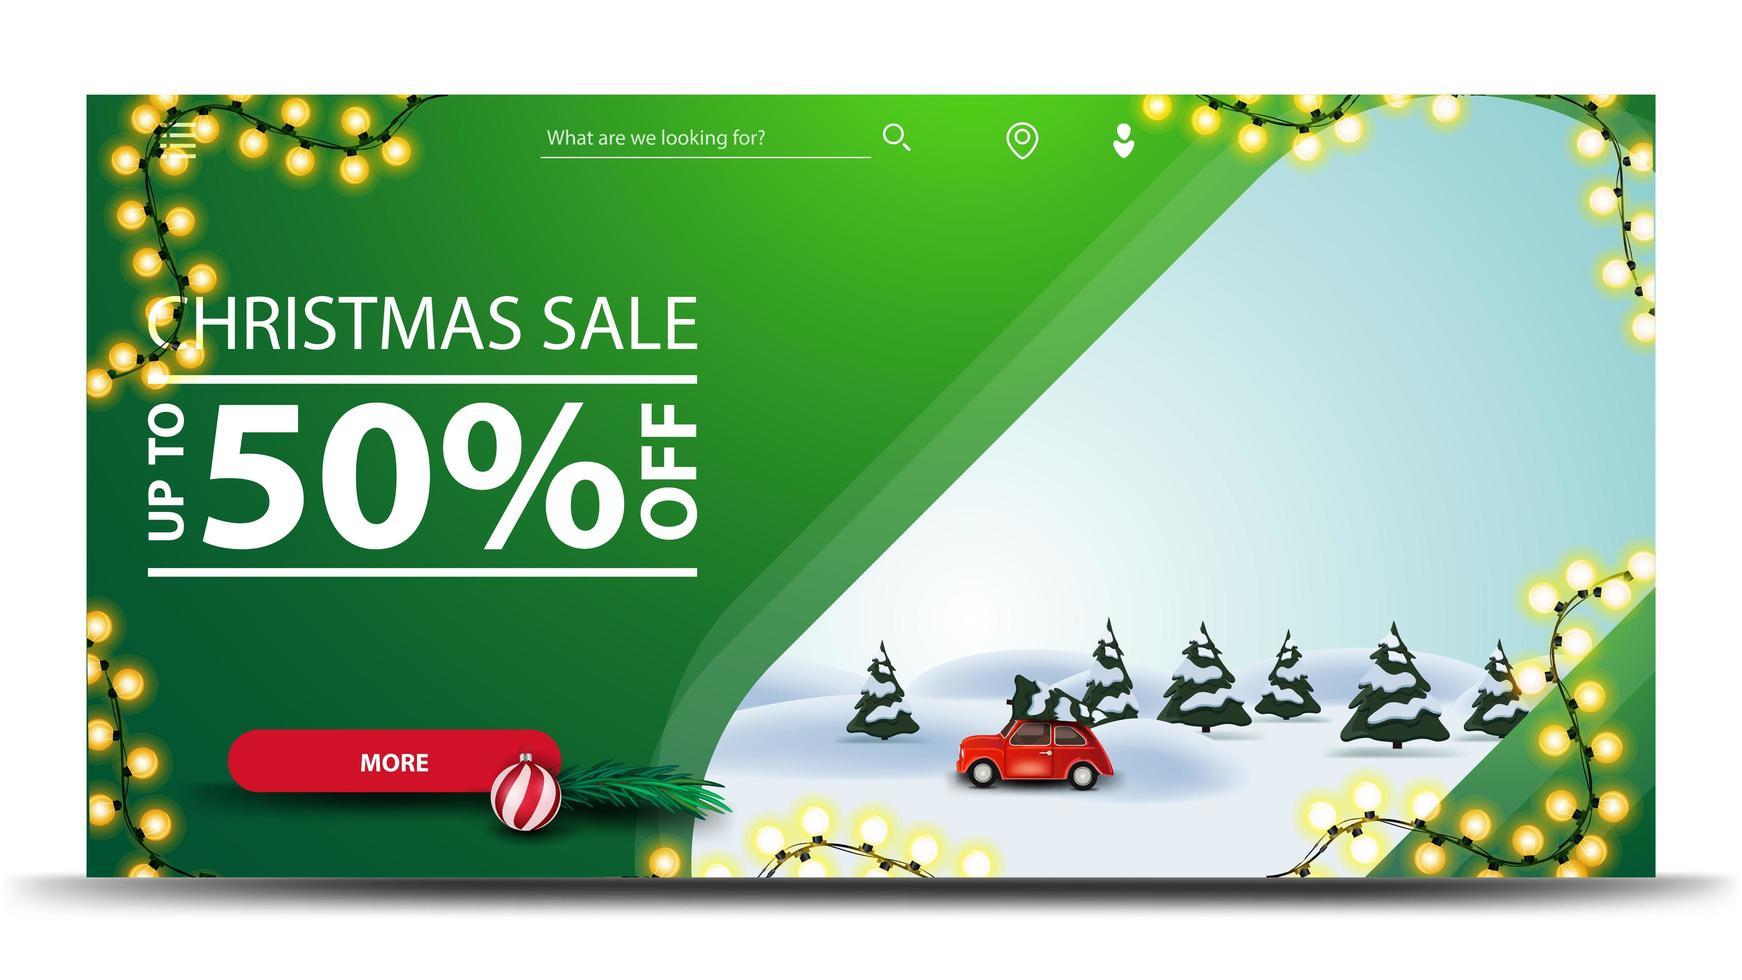 Venta navideña, hasta 50 de descuento, banner de descuento verde con guirnalda, botón y paisaje invernal de dibujos animados con un coche vintage rojo con árbol de Navidad vector